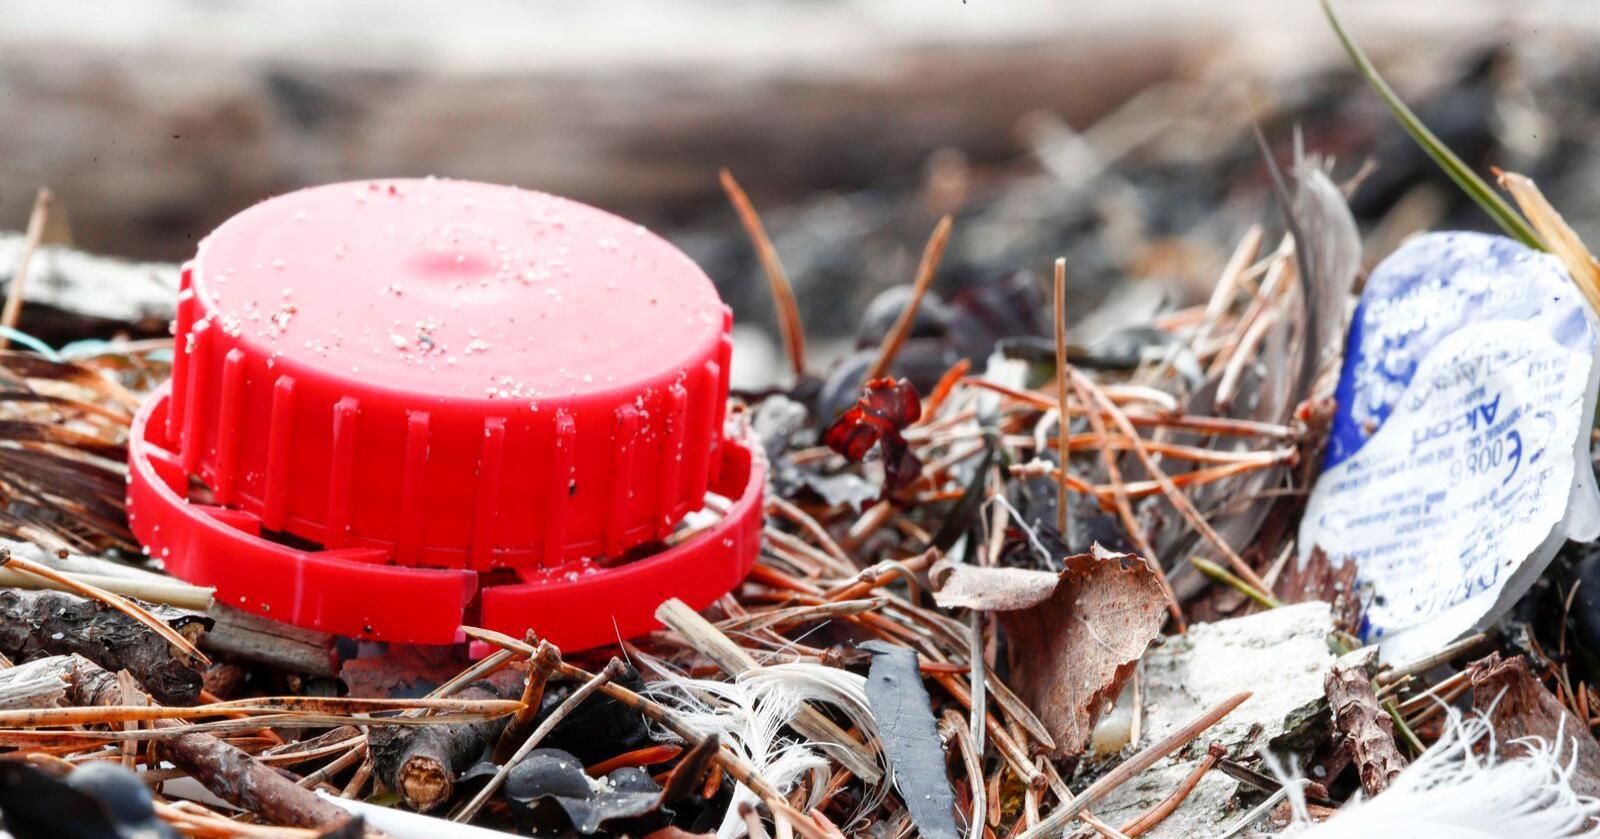 Mye plast, mikroplast og skrot dukker opp i strandkanten rundt om i hele landet. Her fra Bygdøy i Oslo Foto: Terje Pedersen / NTB scanpix